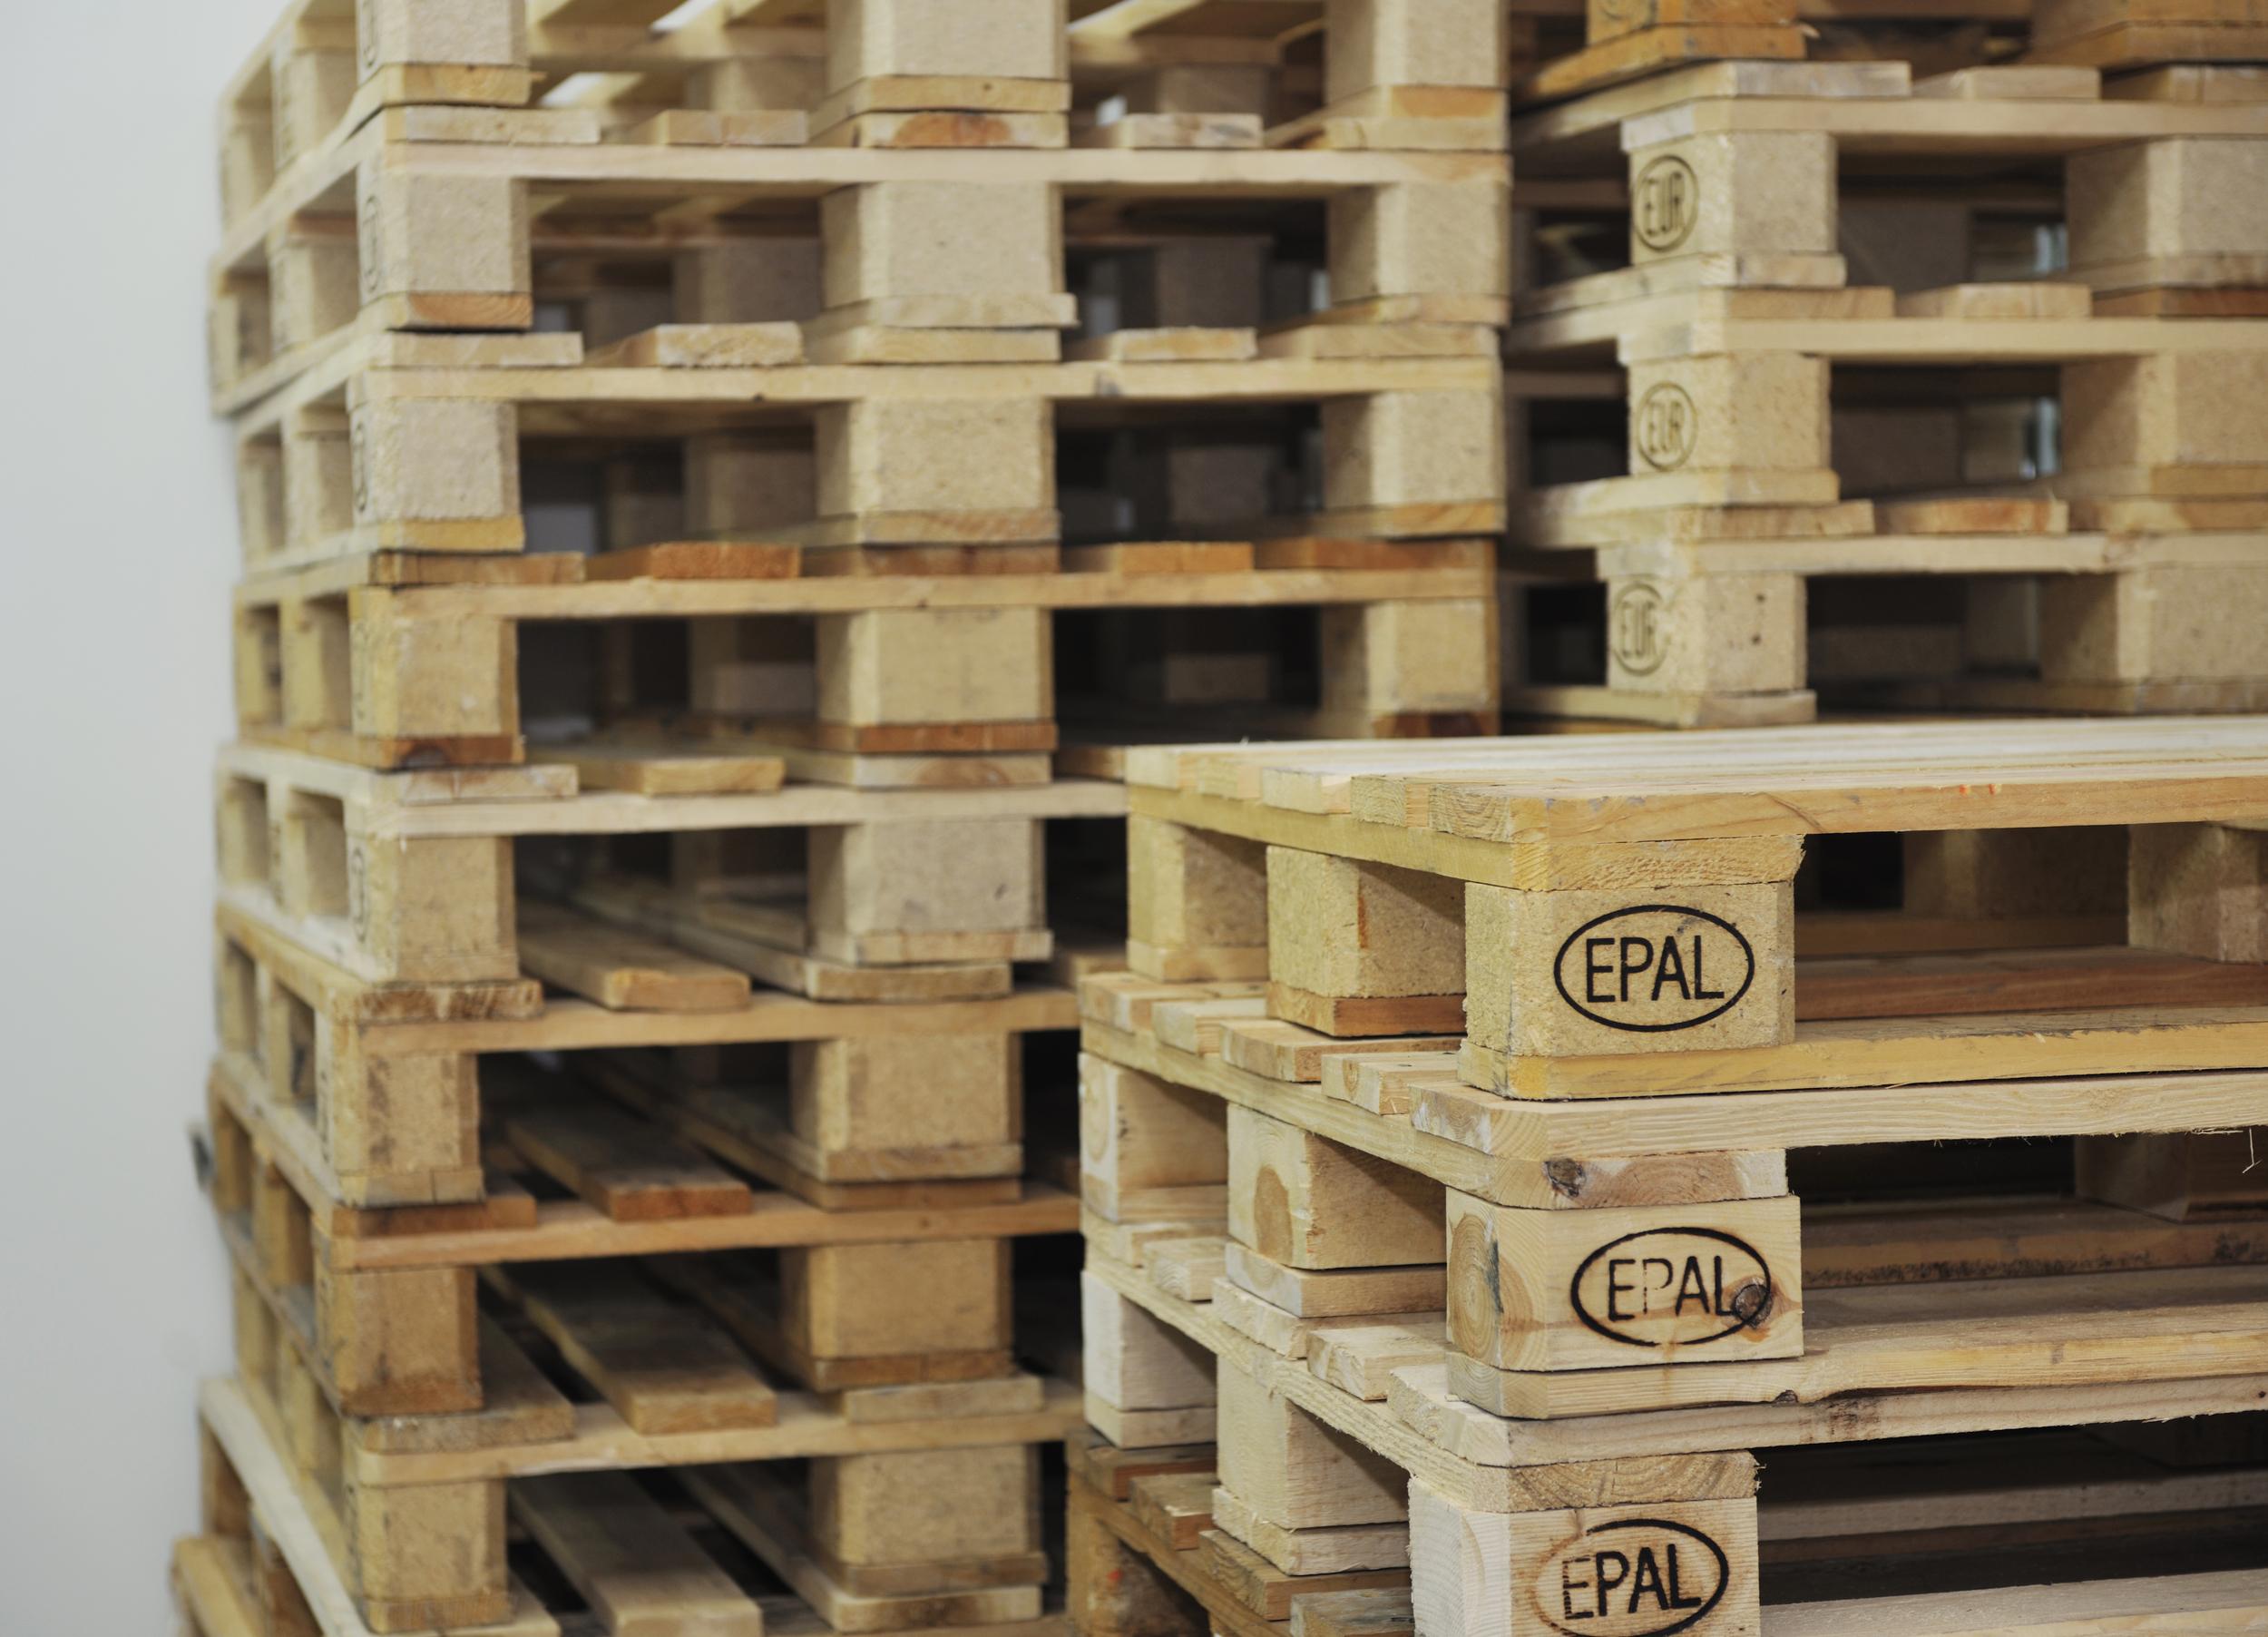 farmavita2-130-399-501.jpg